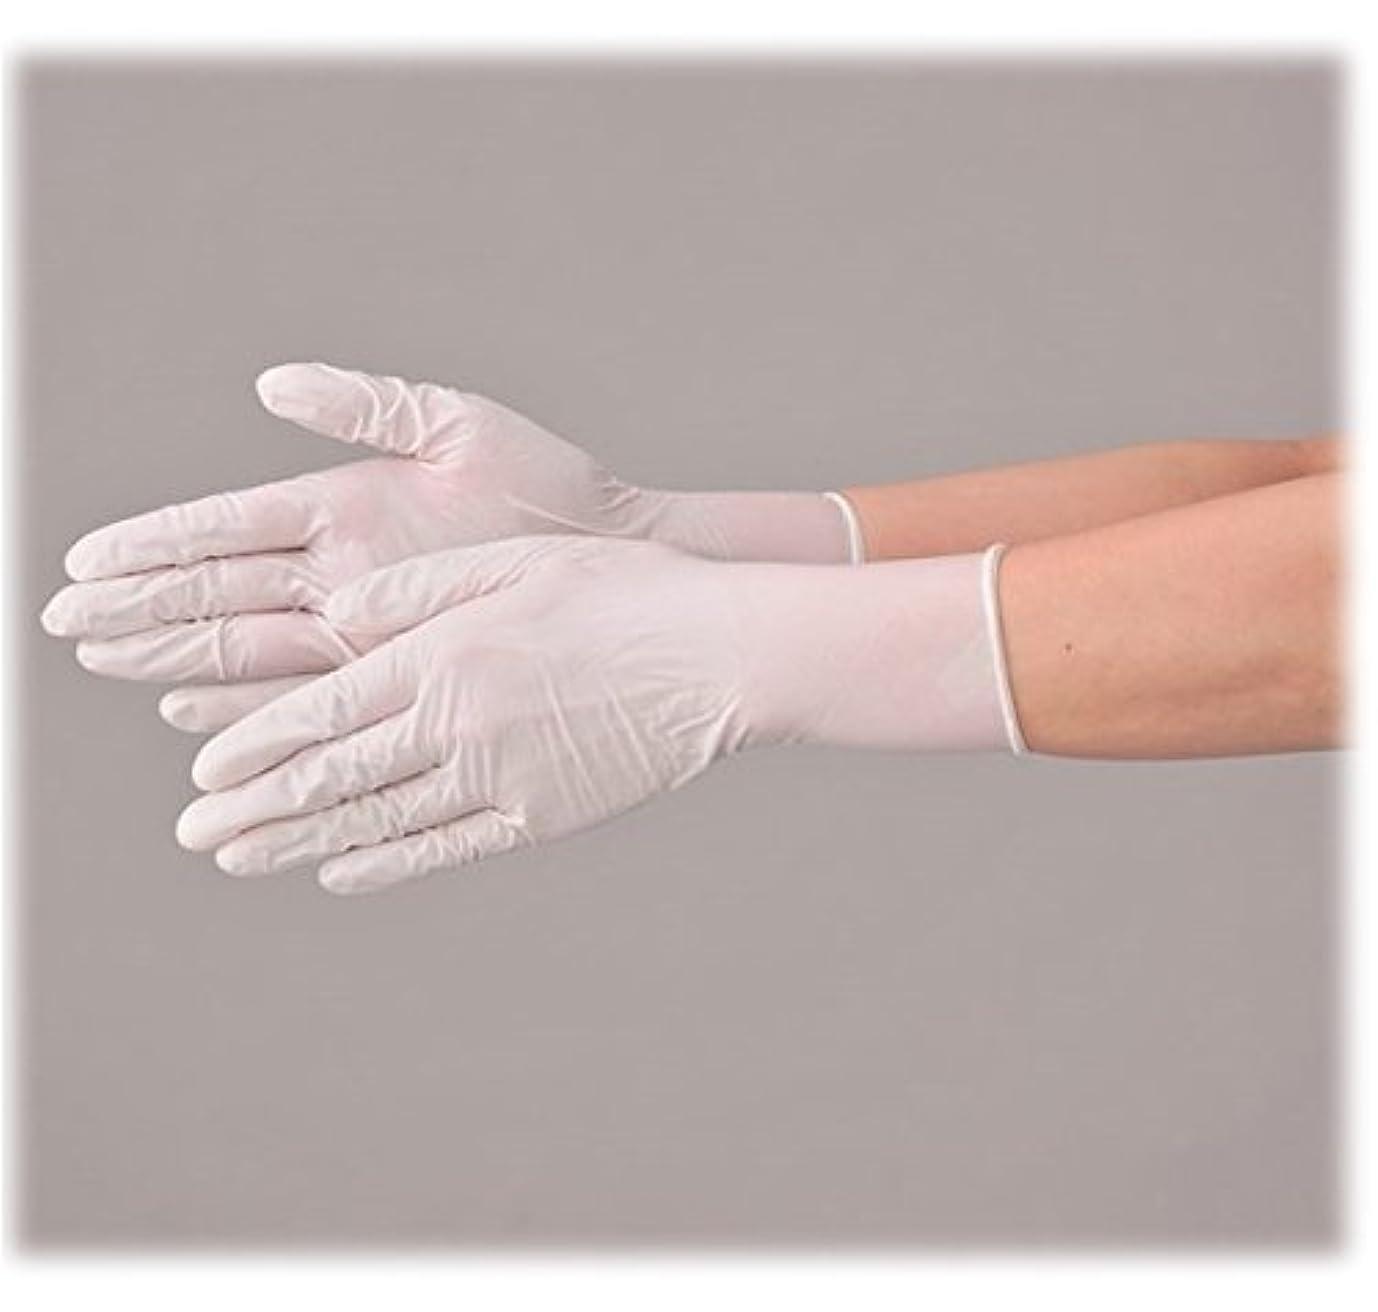 抱擁意気消沈した開発する使い捨て 手袋 エブノ 531 ニトリルNEO ホワイト Sサイズ パウダー付き 2ケース(100枚×60箱)